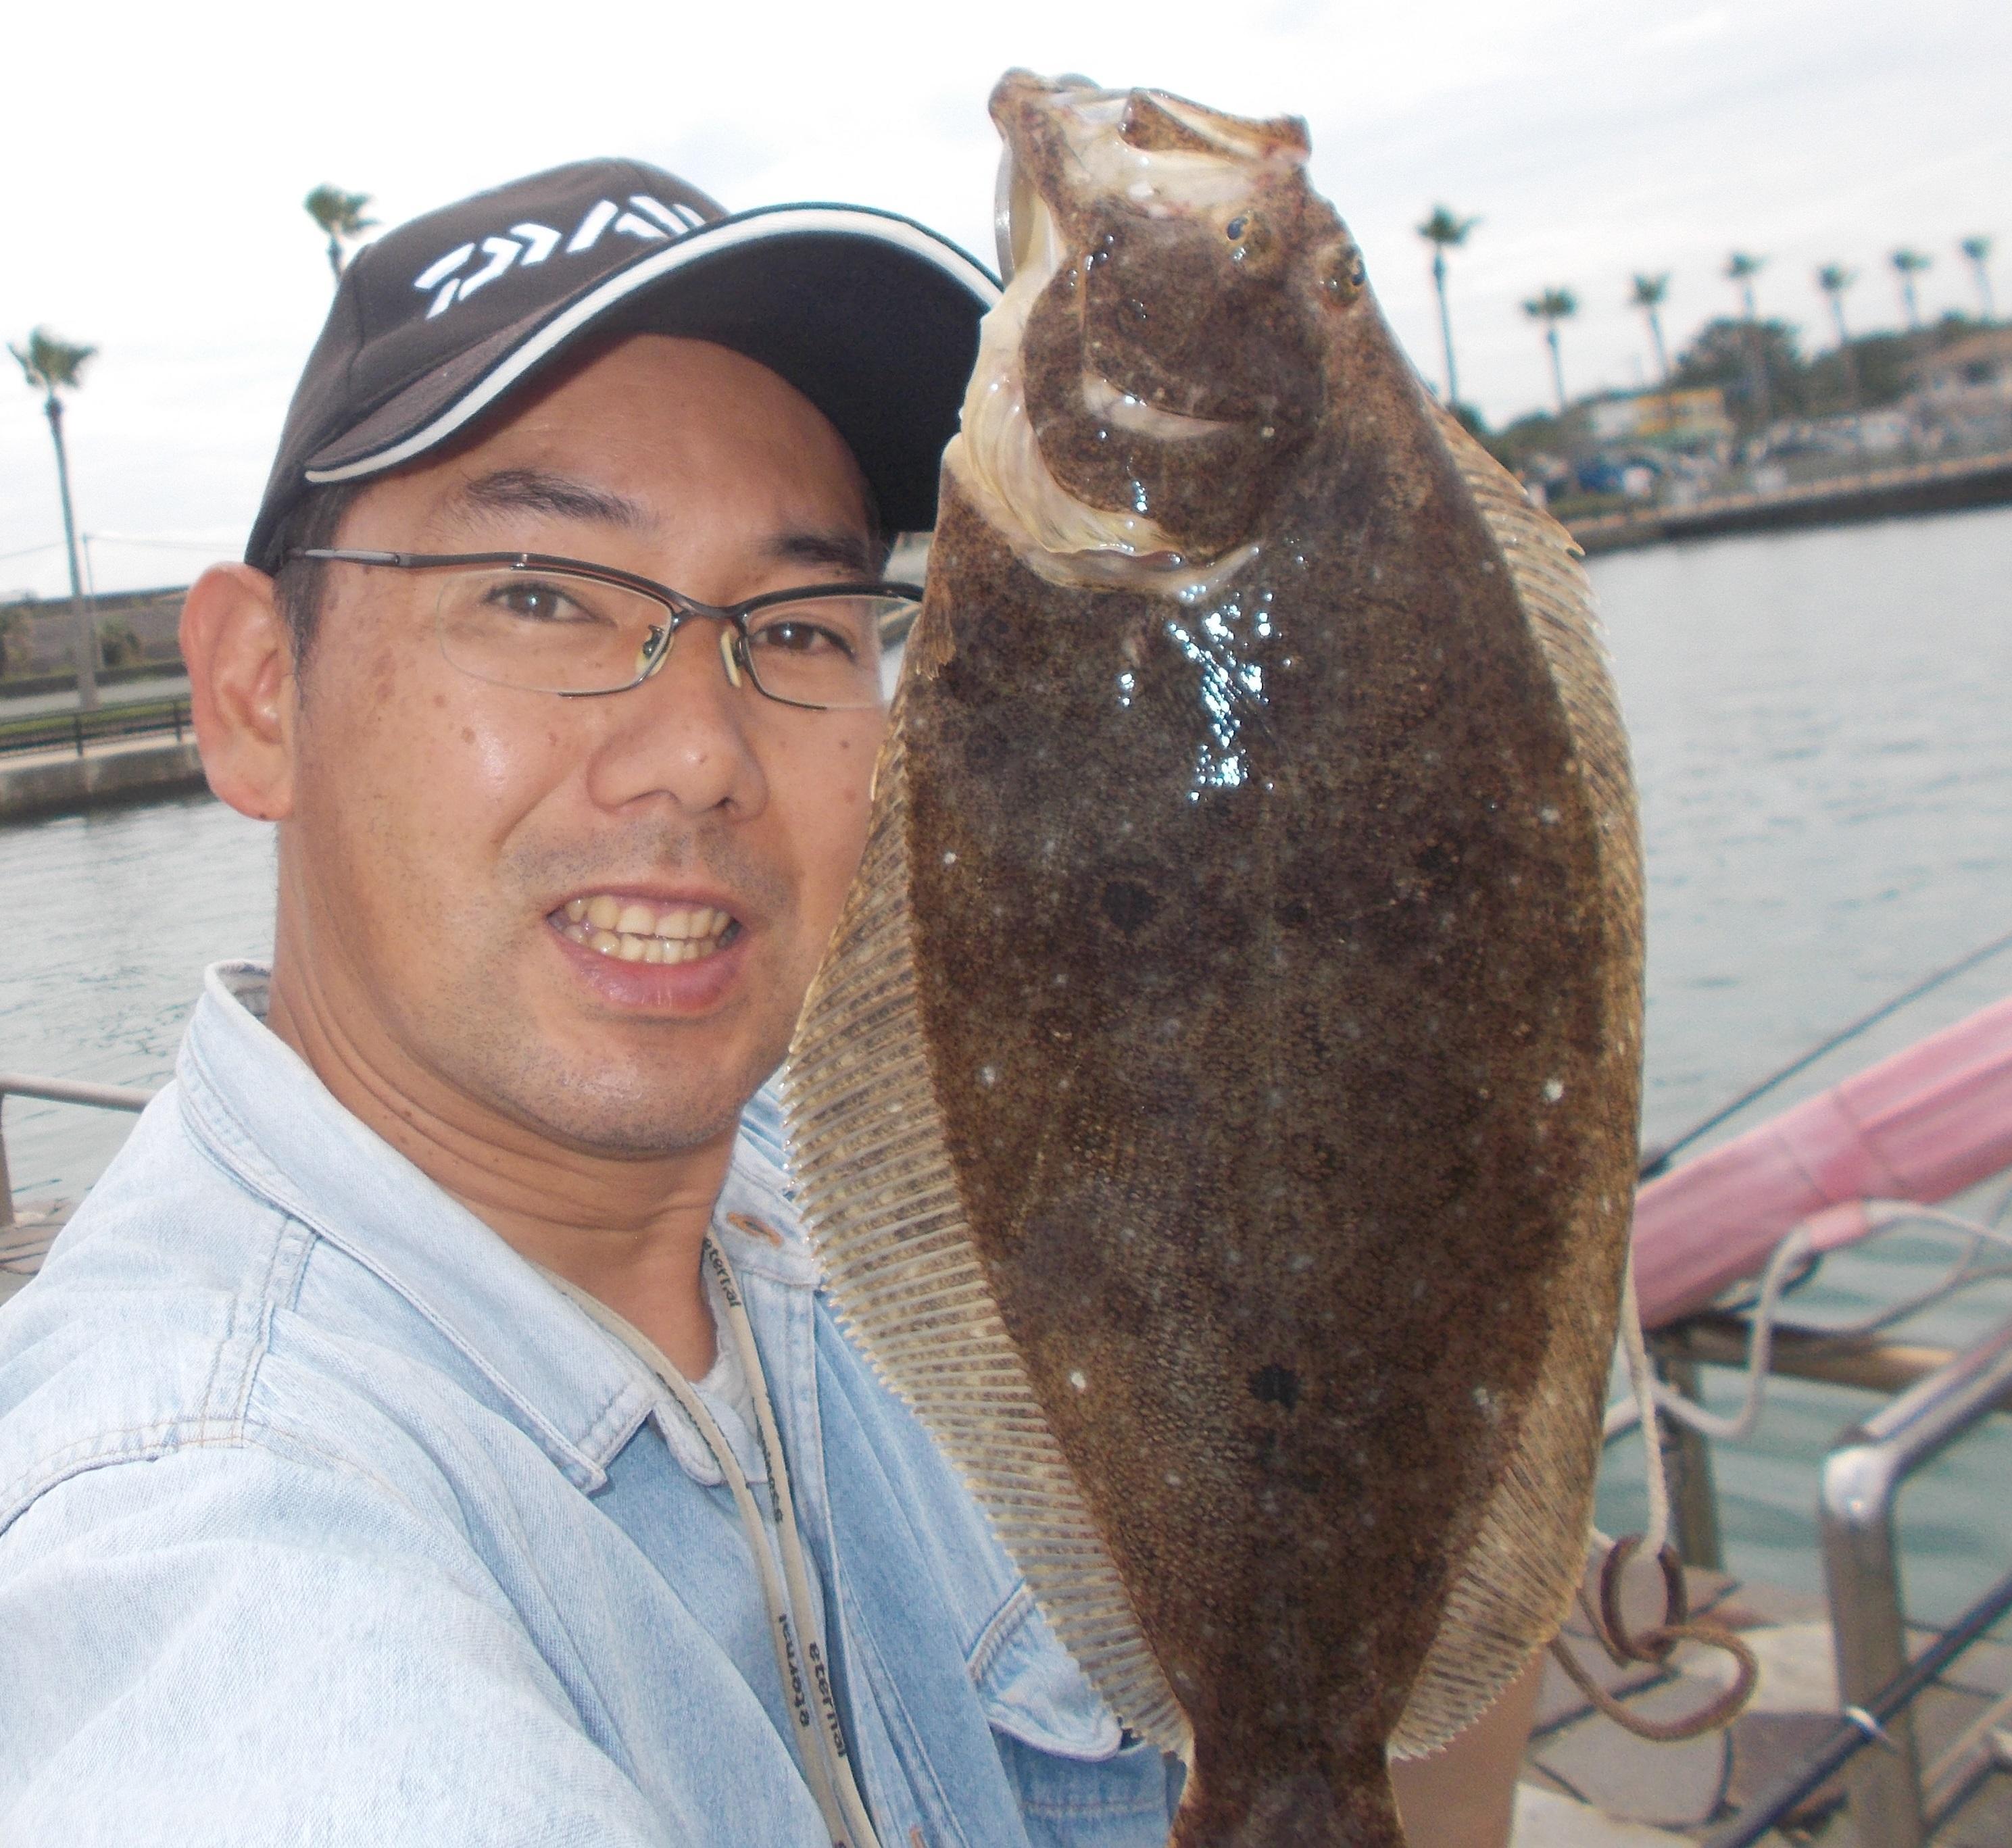 今年はサビキ絶好調!それに釣られてヒラメの魚影も多いですよ。